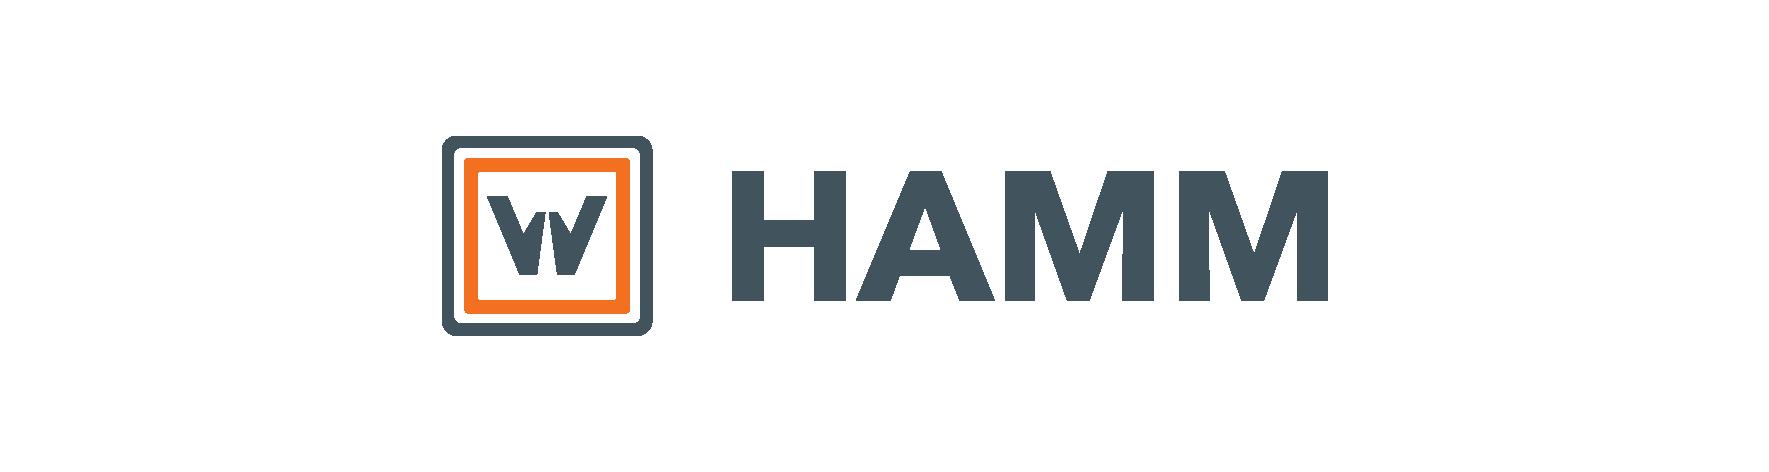 hamm_centro_cores